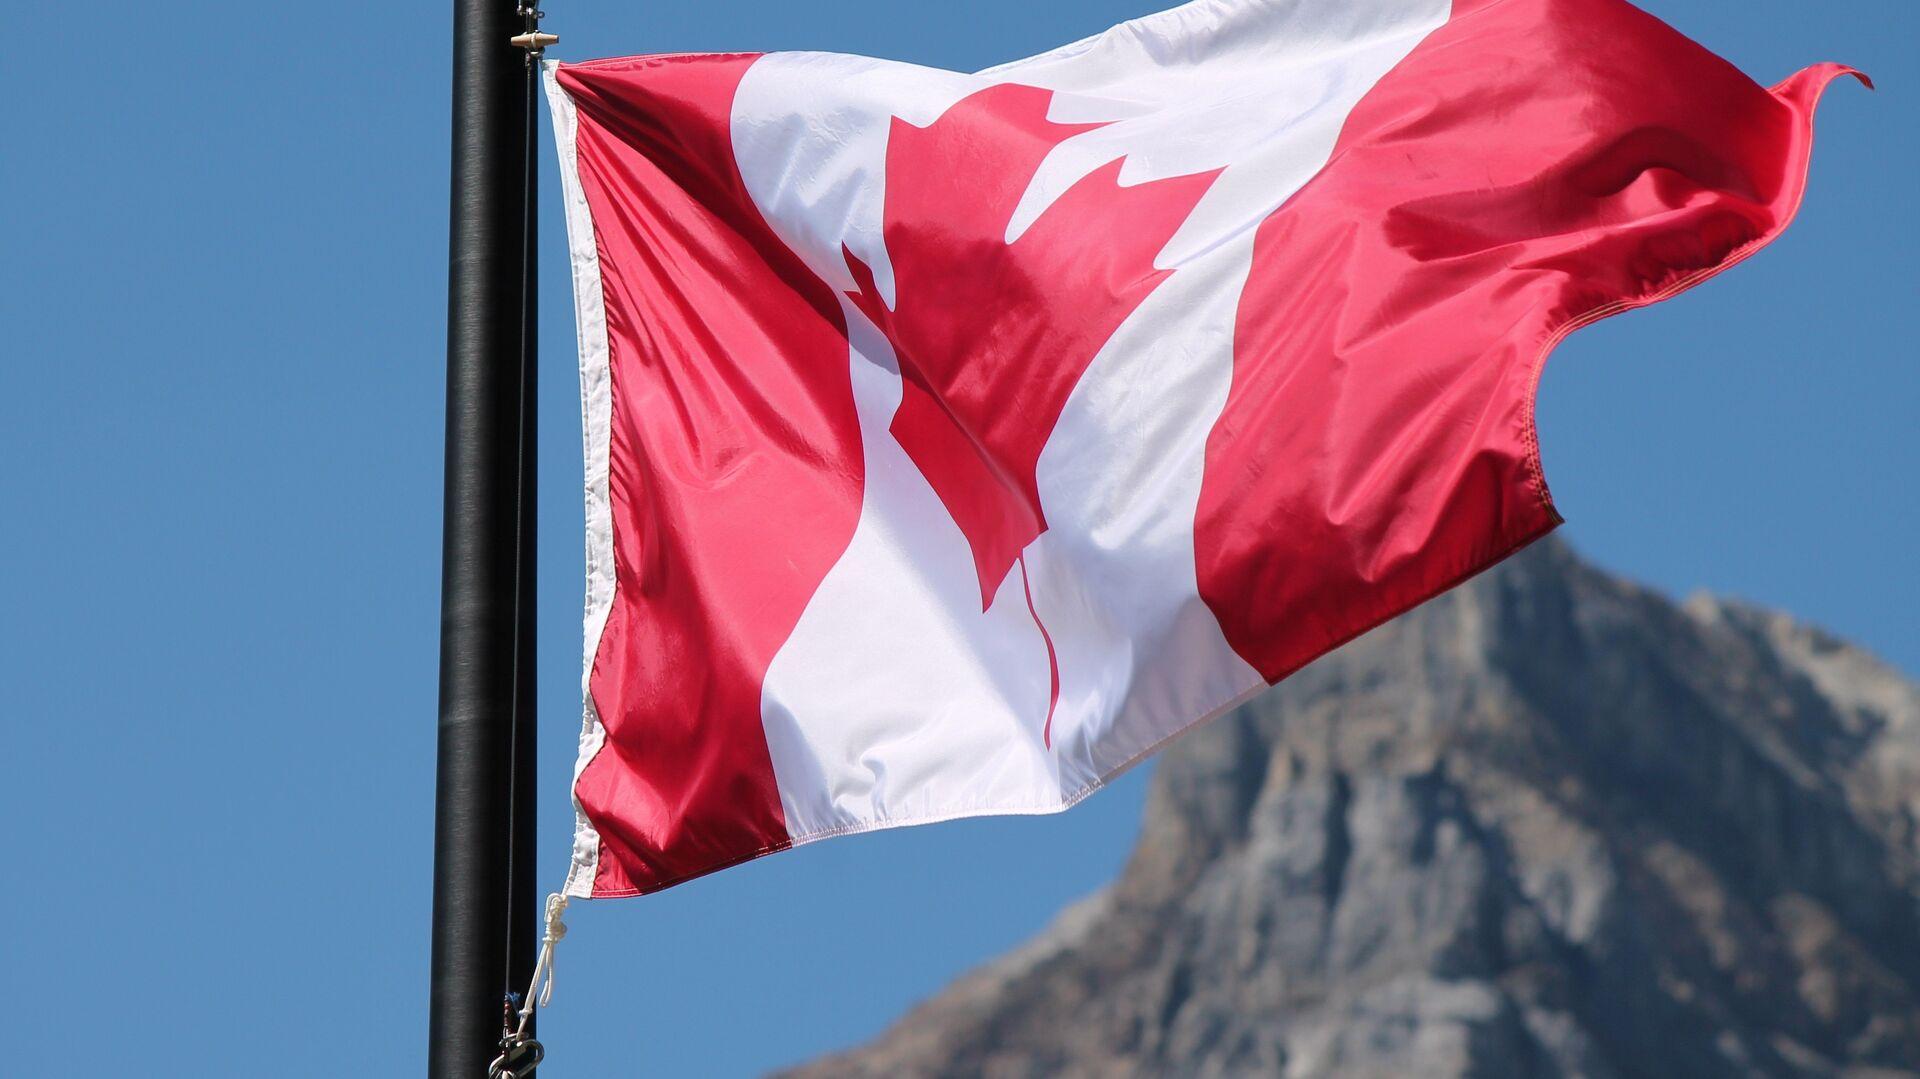 Bandera de Canadá - Sputnik Mundo, 1920, 13.04.2021